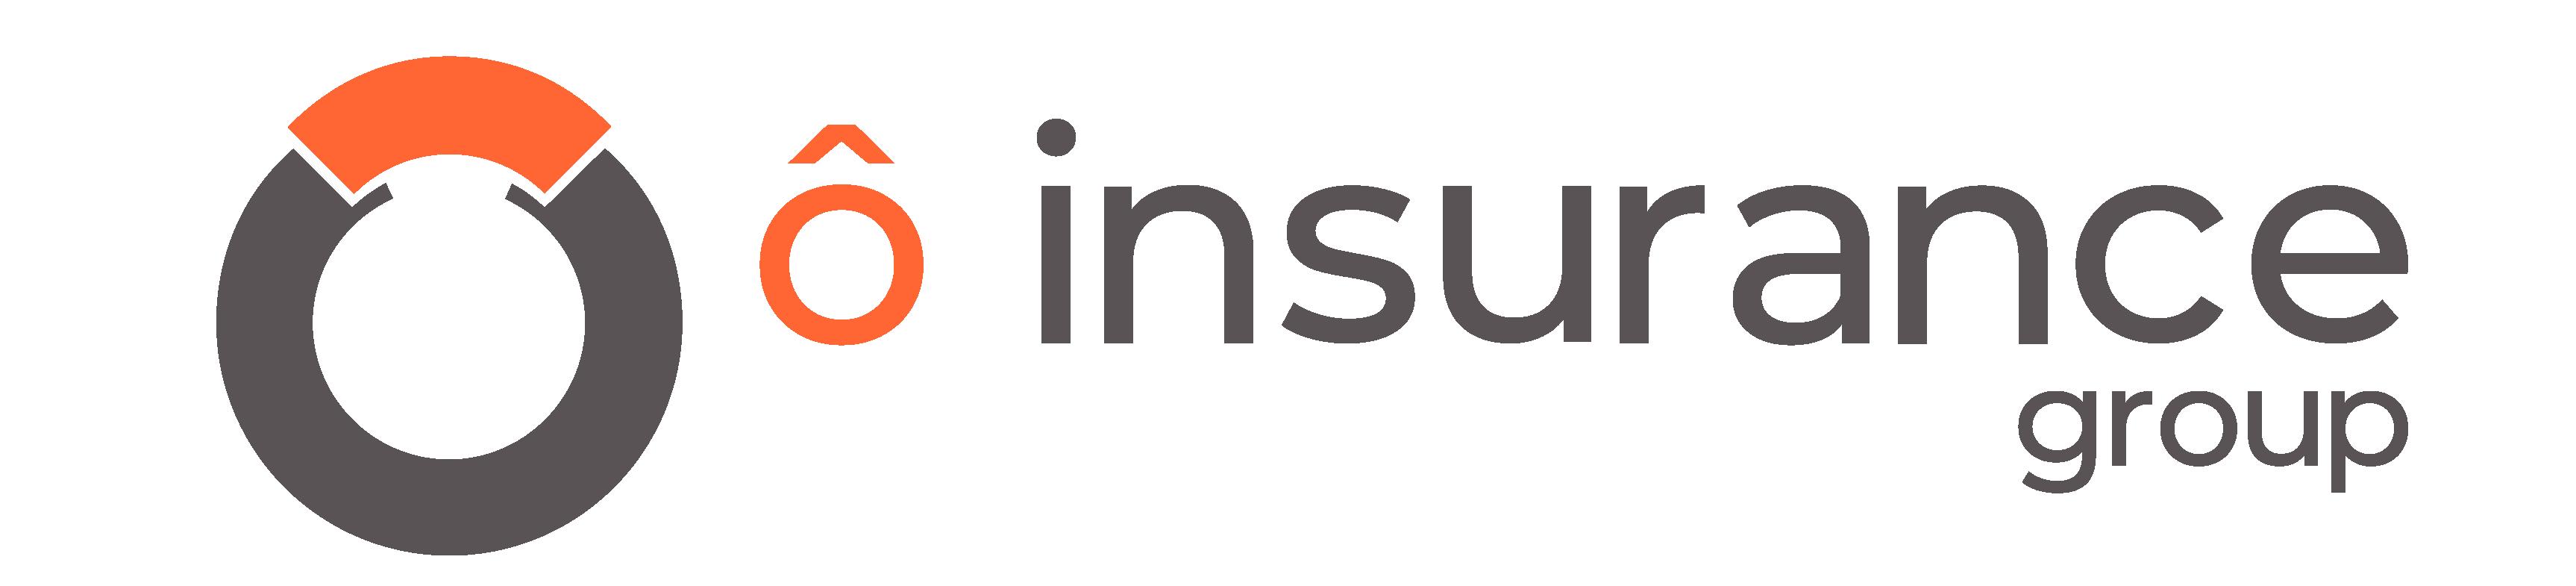 Ô Insurance